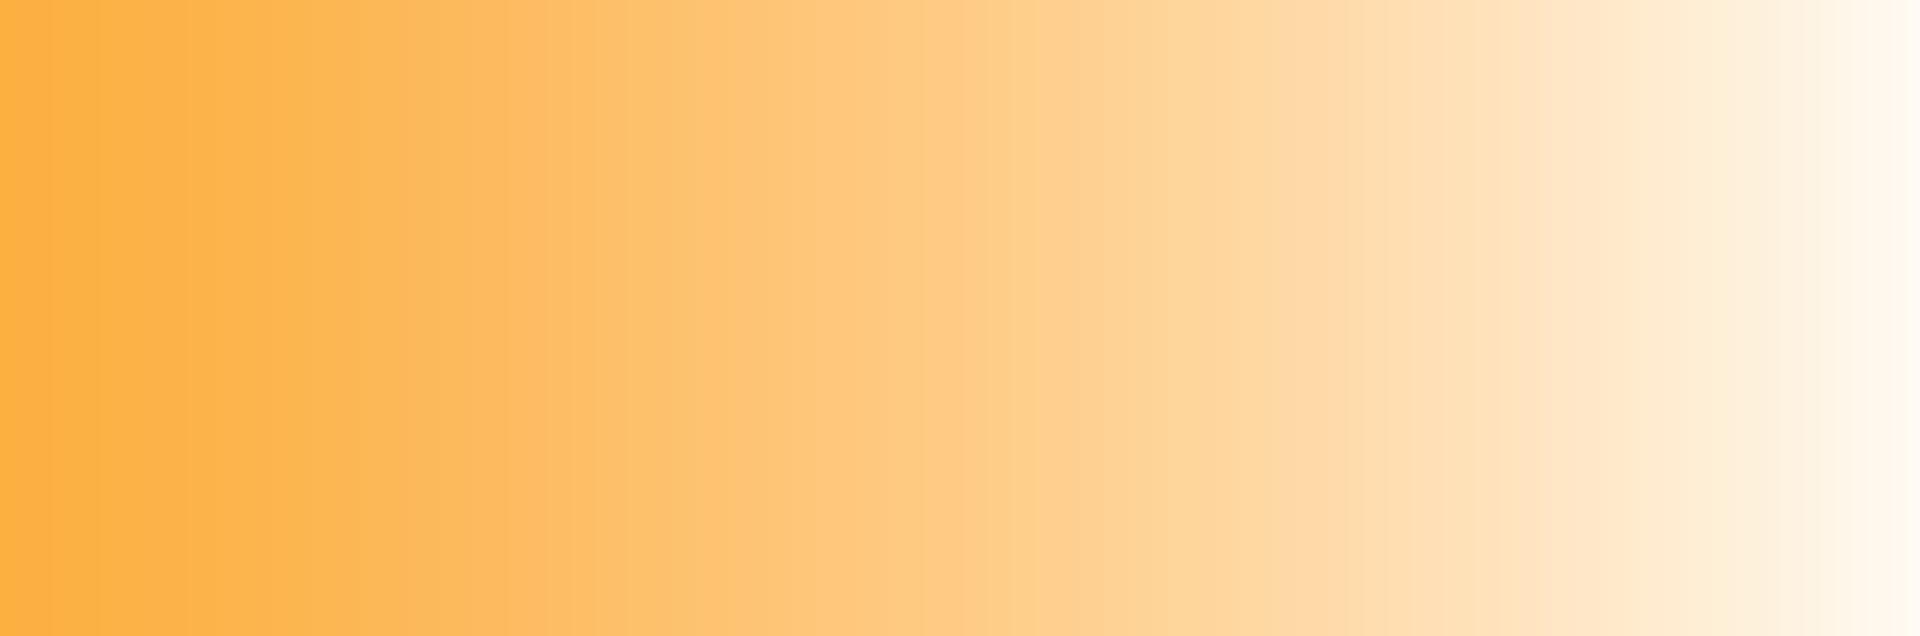 turuncu-arka-plan